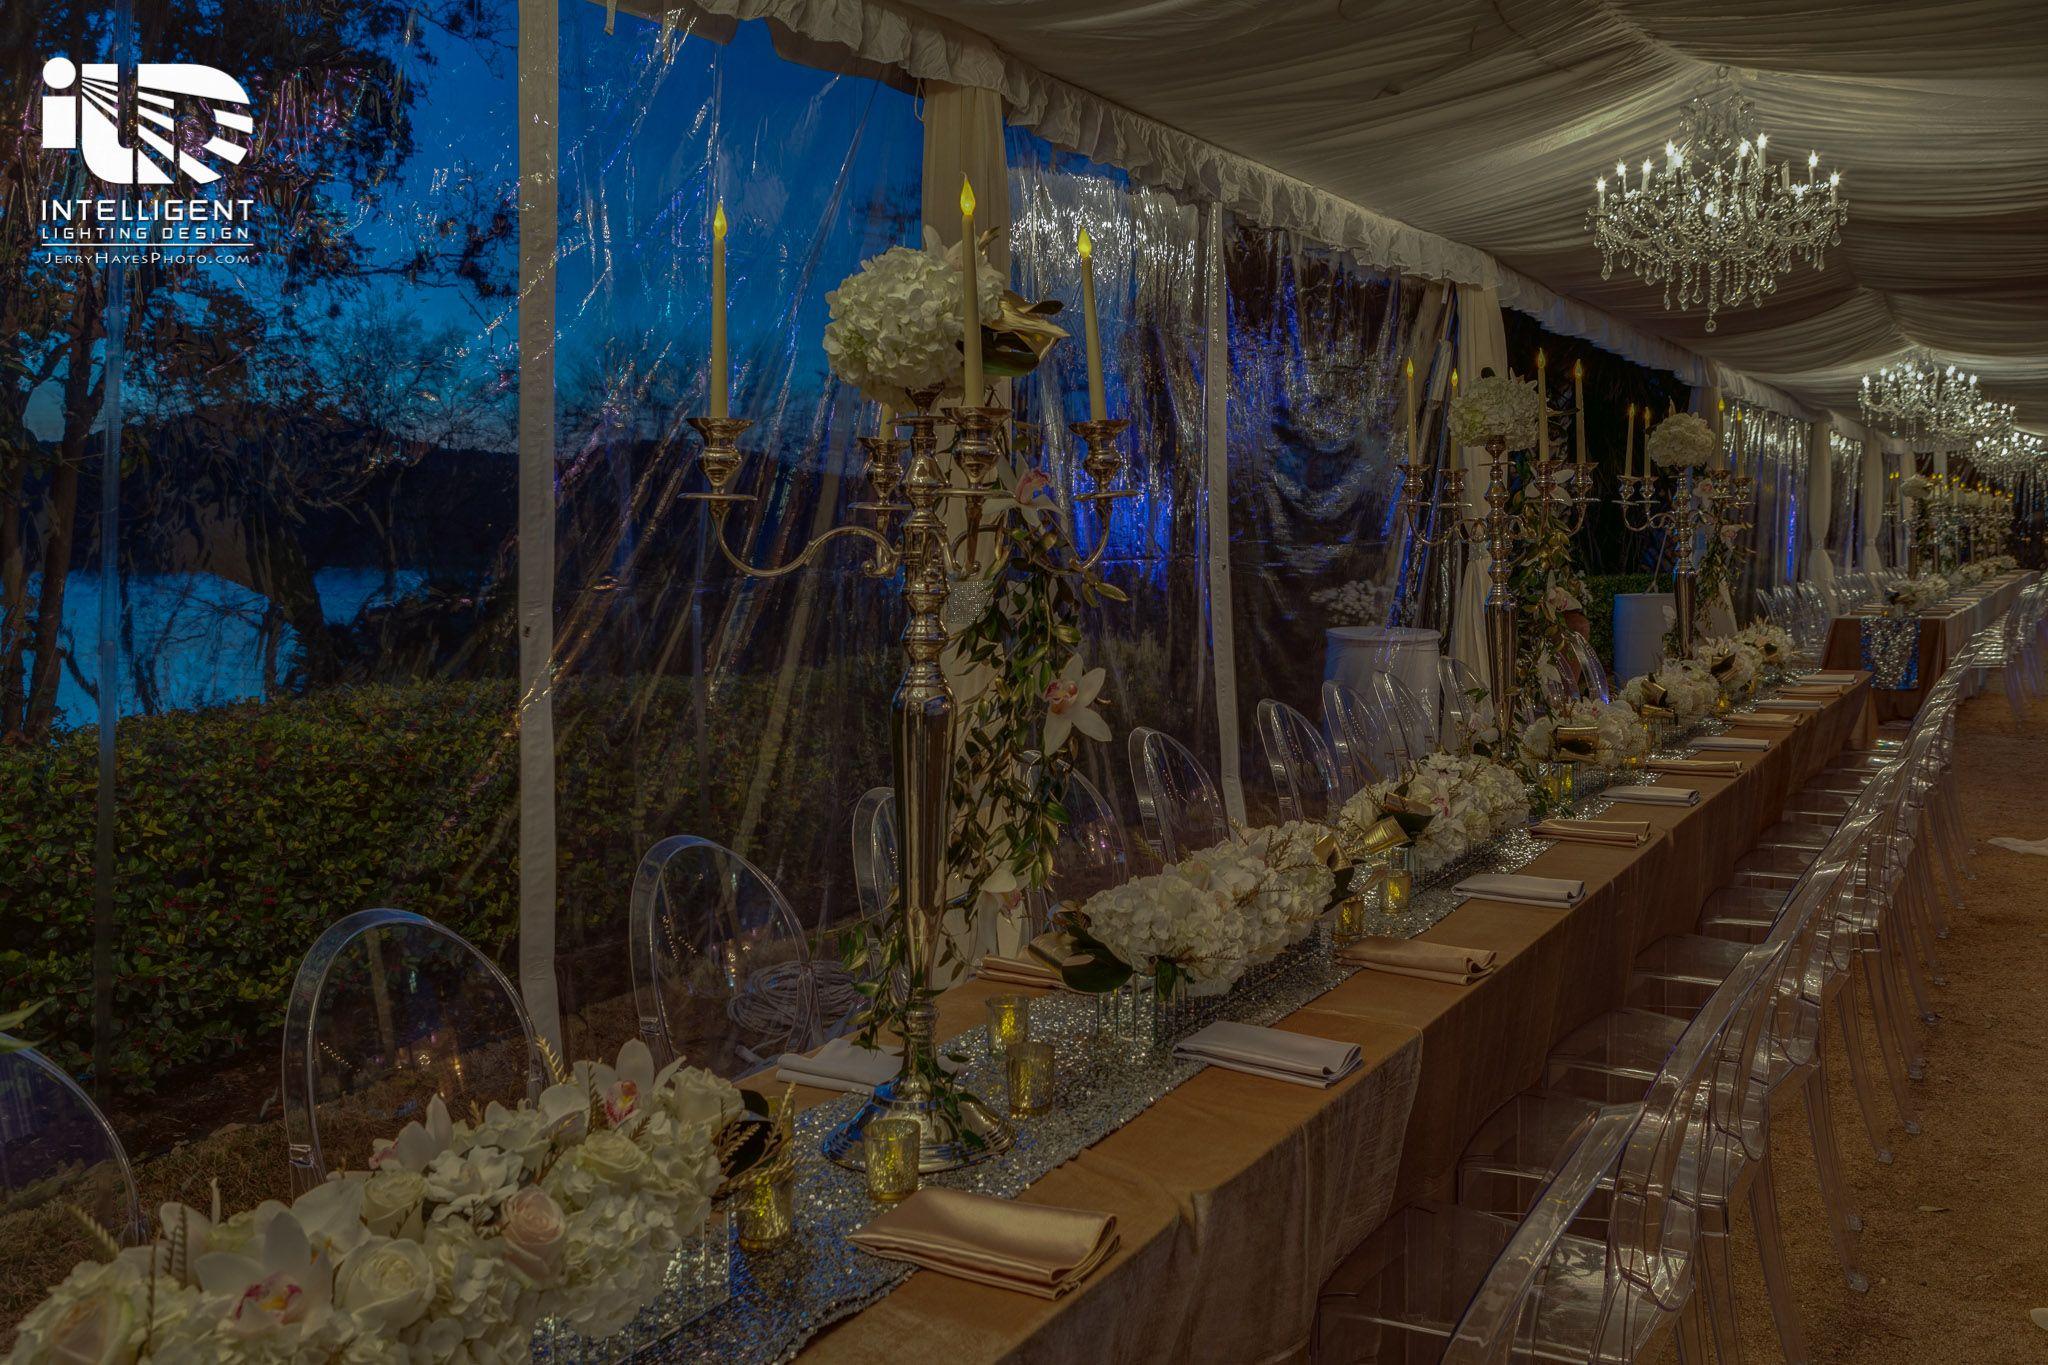 Laguna Gloria Corporate Event. Tent lighting. Chandeliers